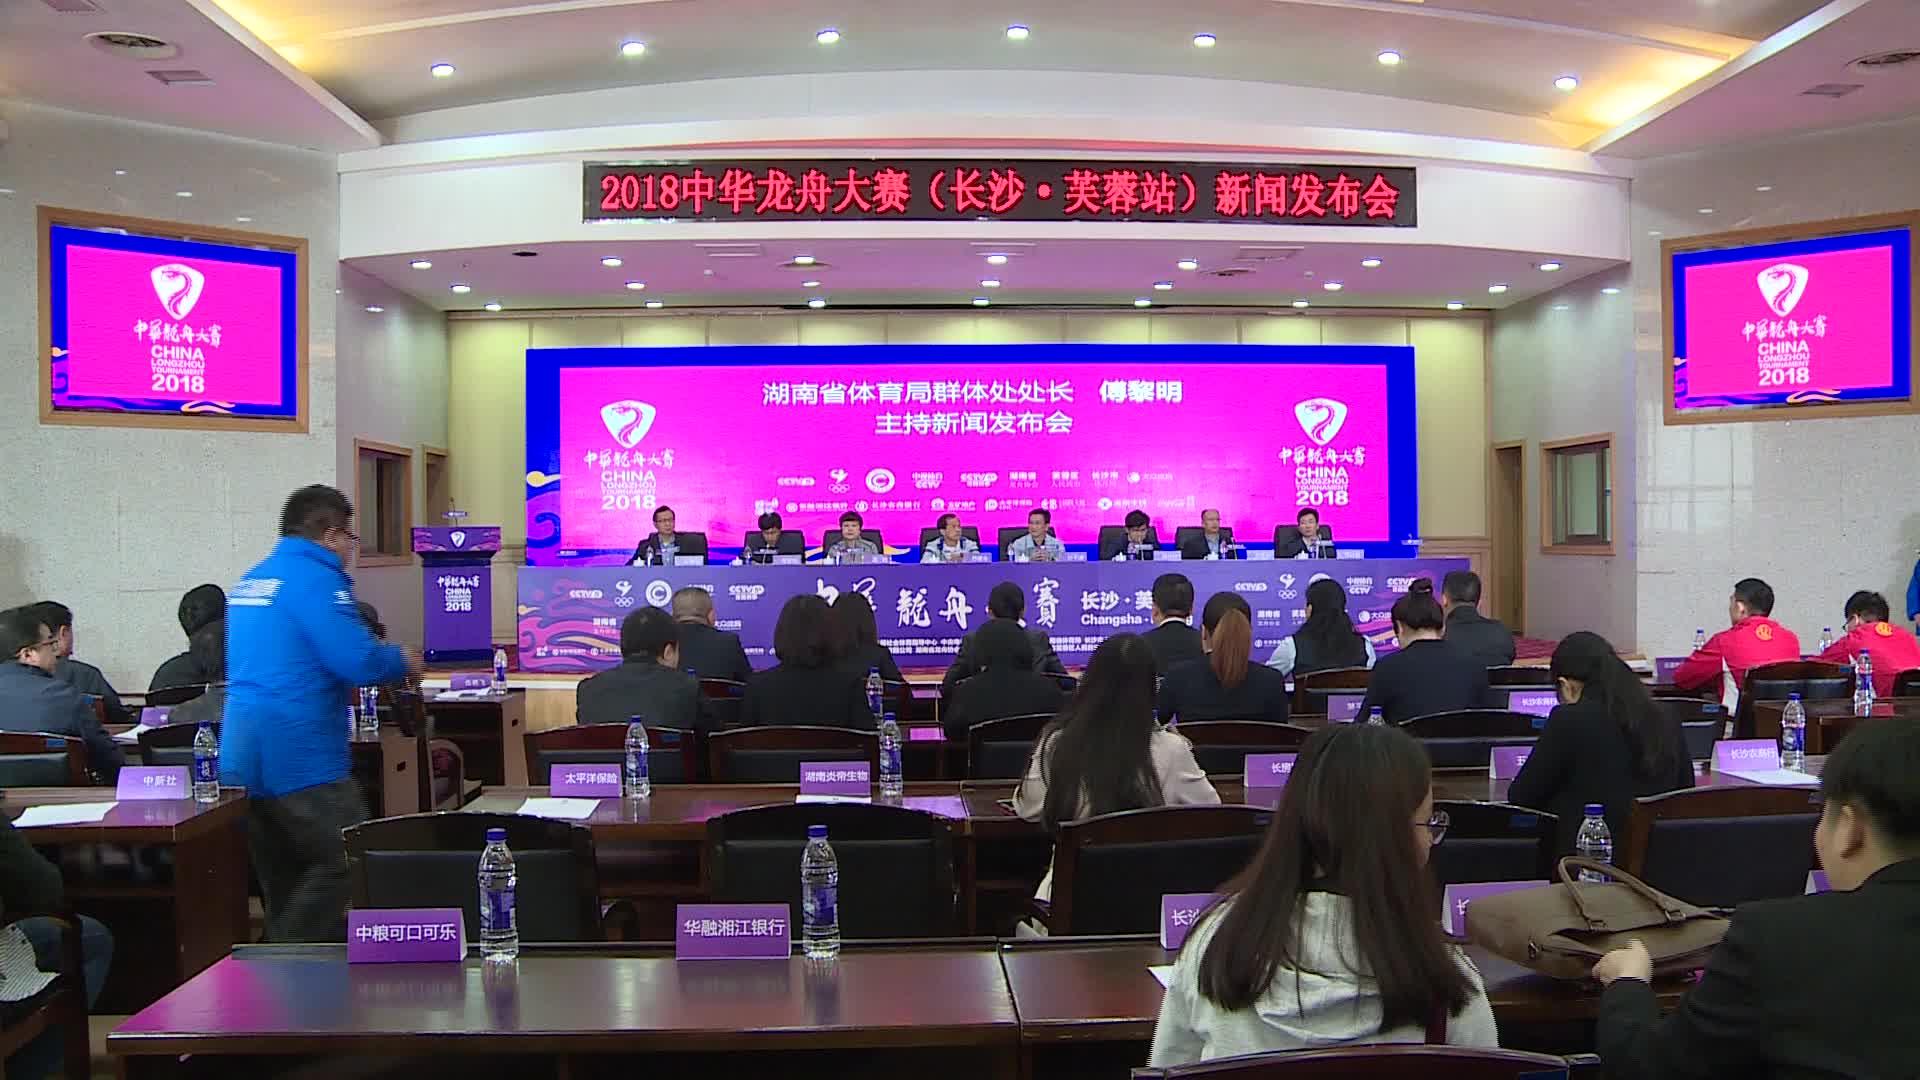 2018中华龙舟大赛(长沙·芙蓉站)来了:全国56支参赛队伍竞渡浏阳河上